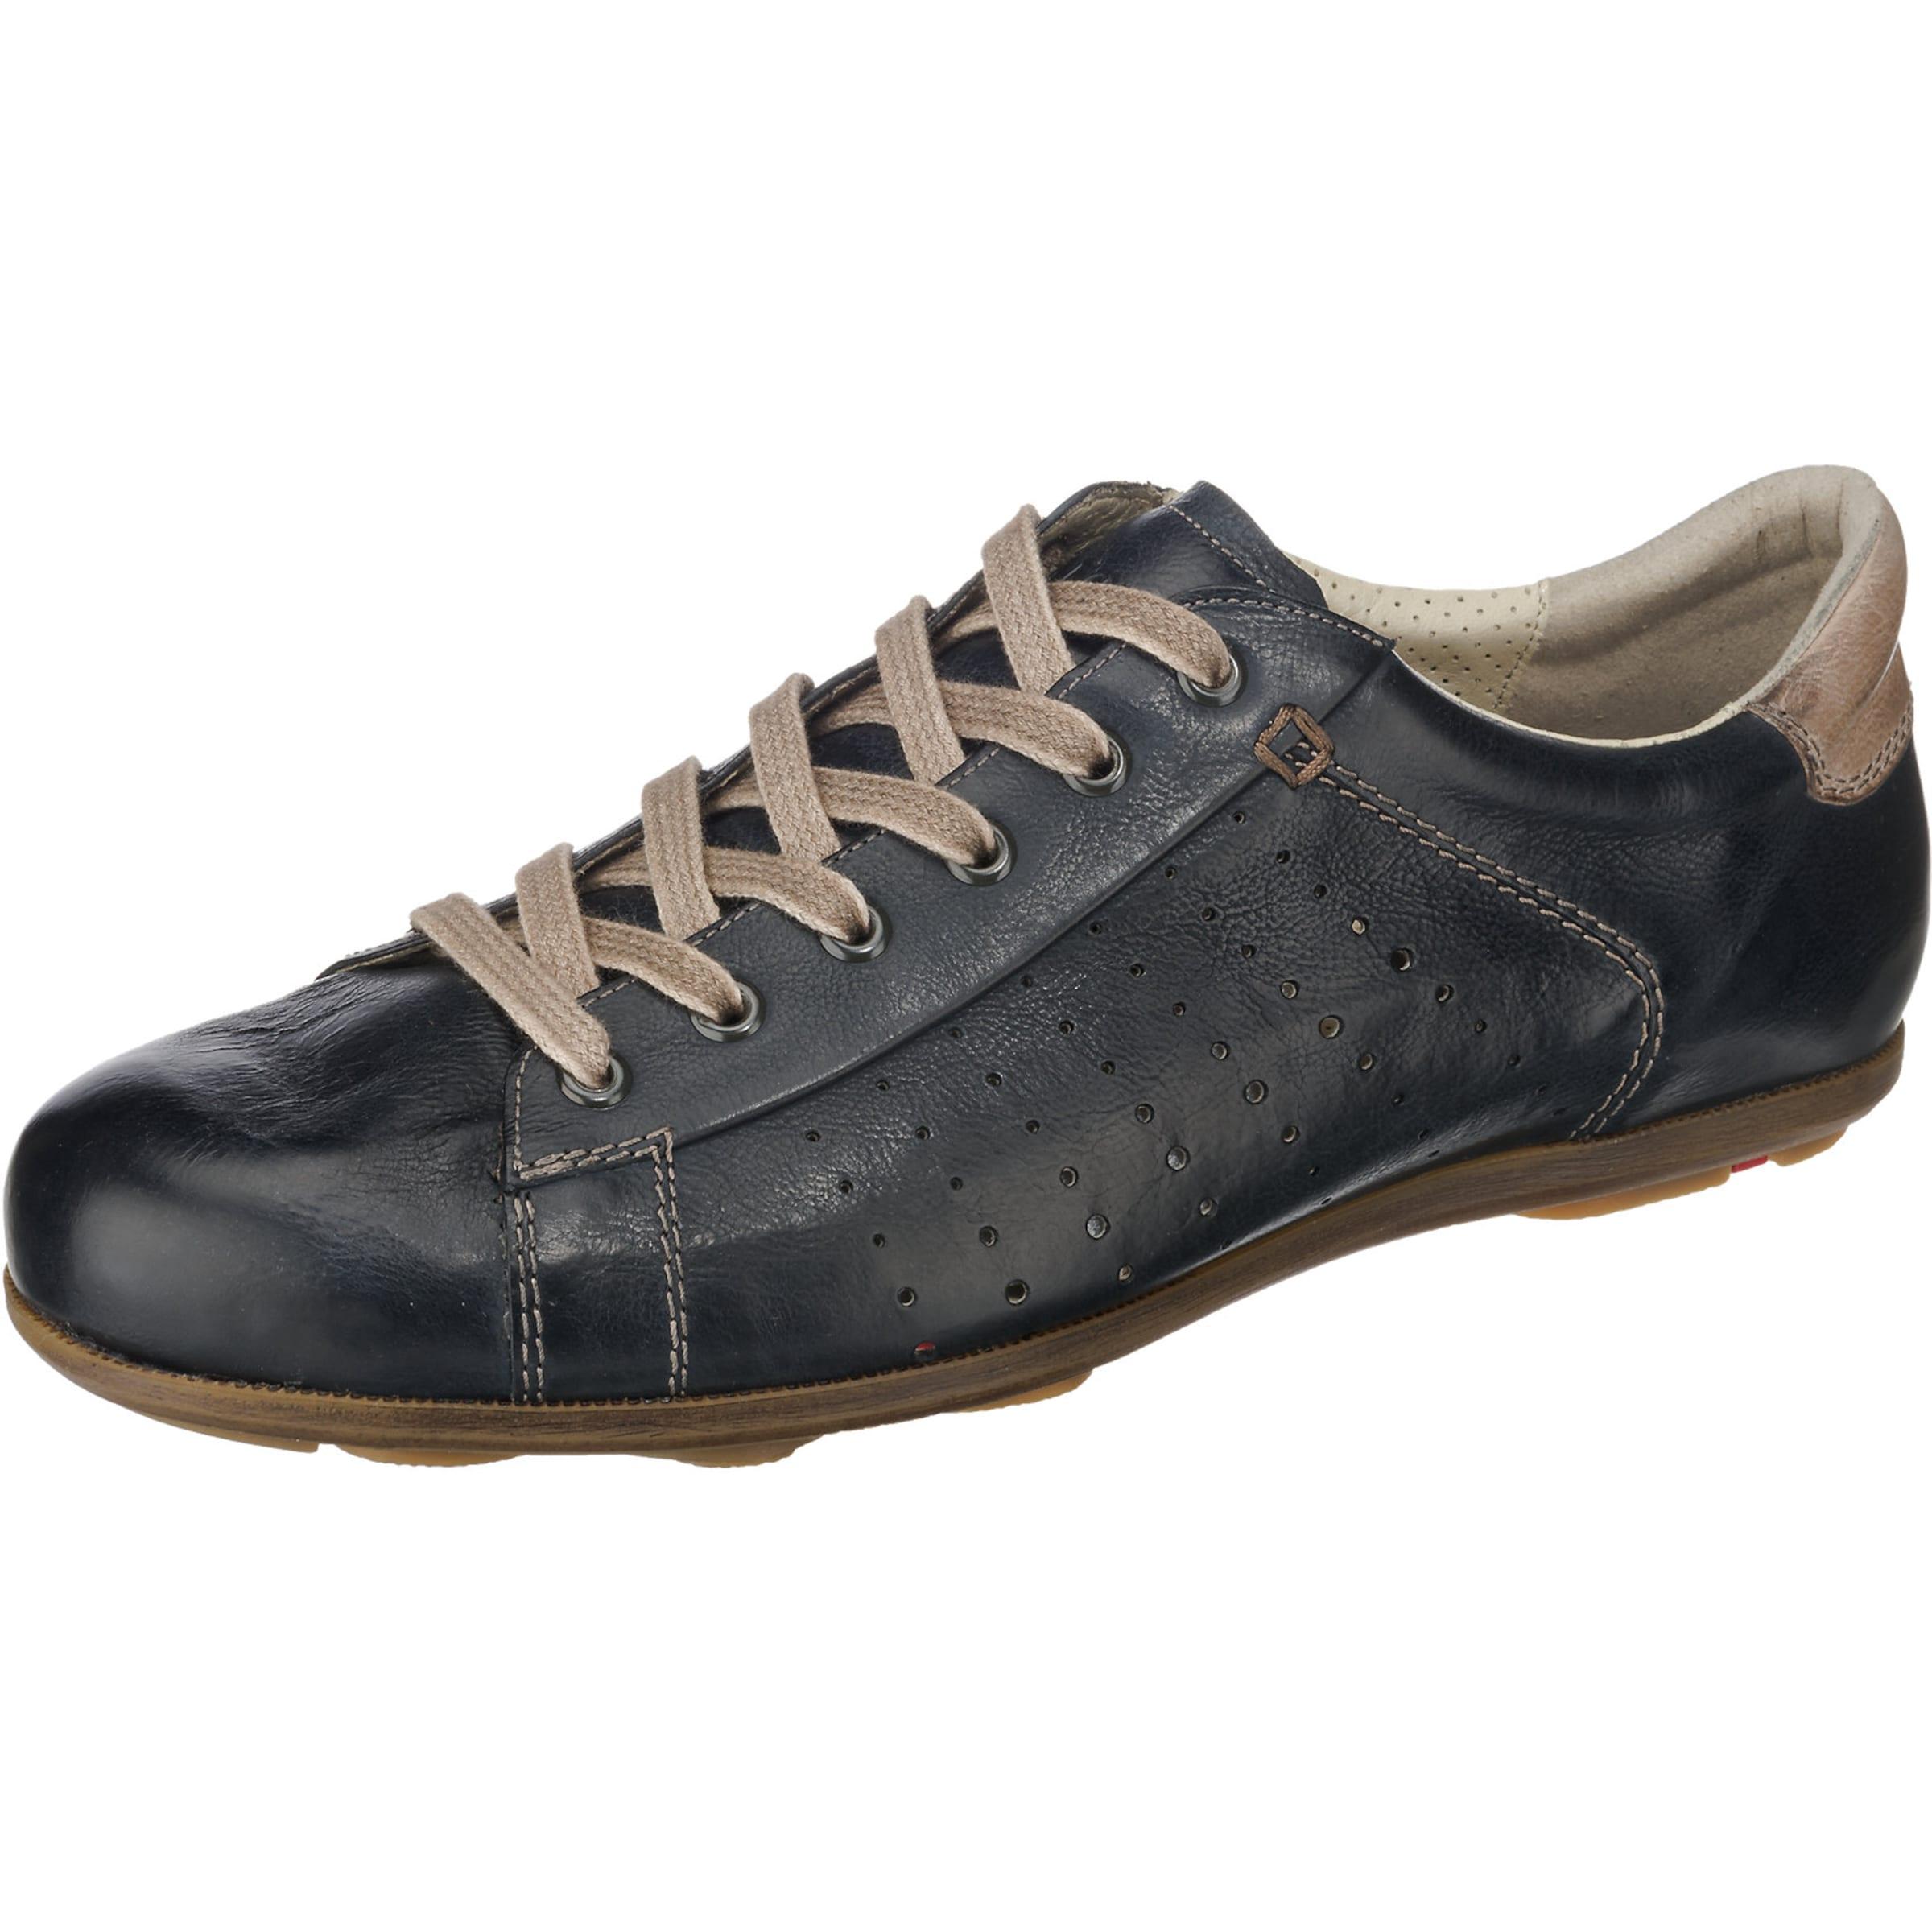 LLOYD Schnürschuhe BARNEY Verschleißfeste billige Schuhe